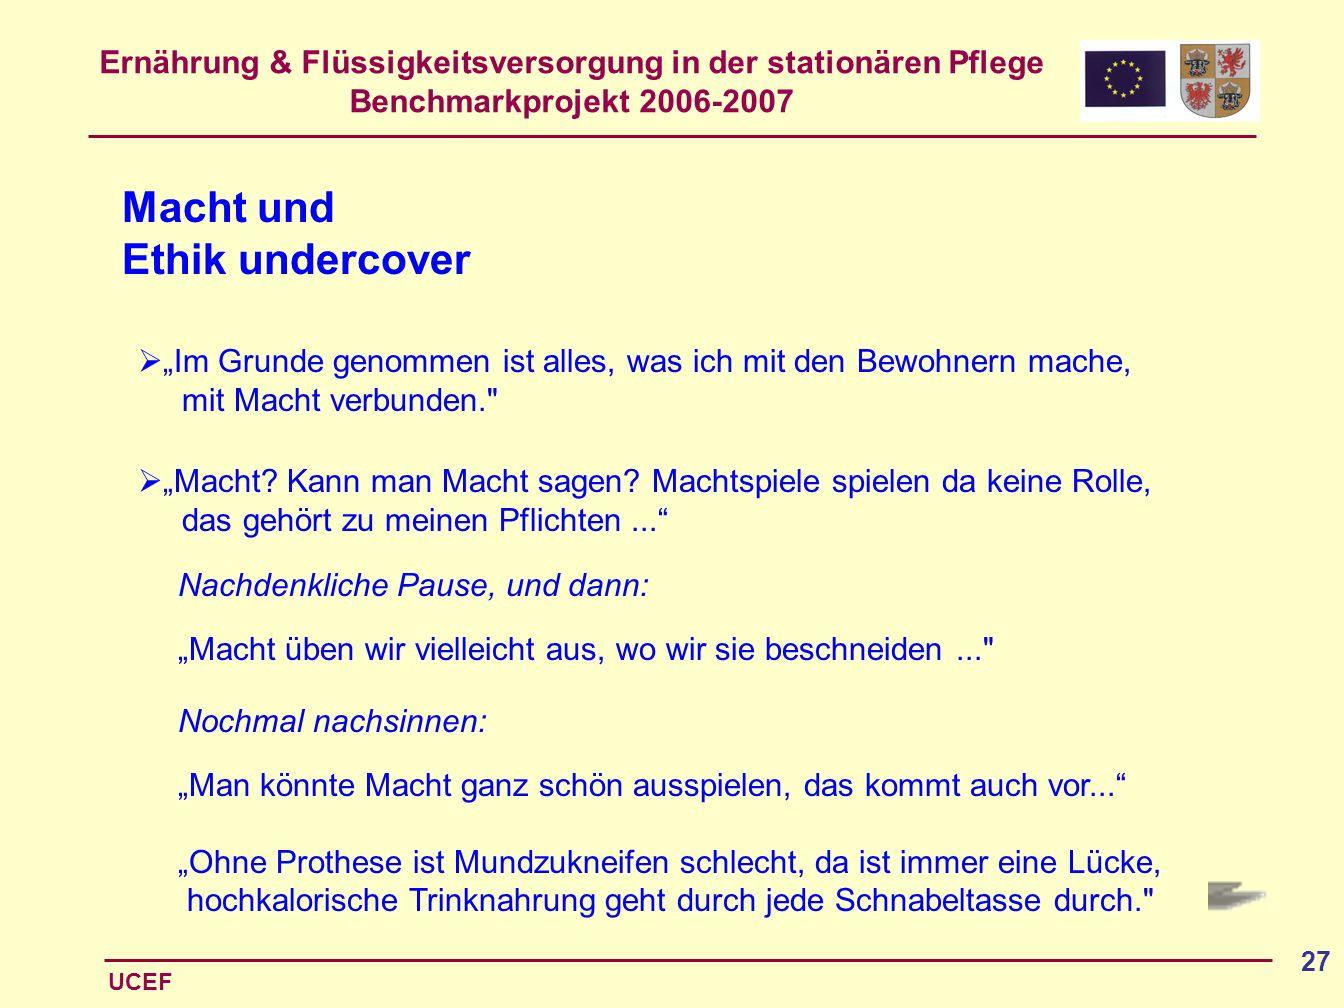 Macht und Ethik undercover